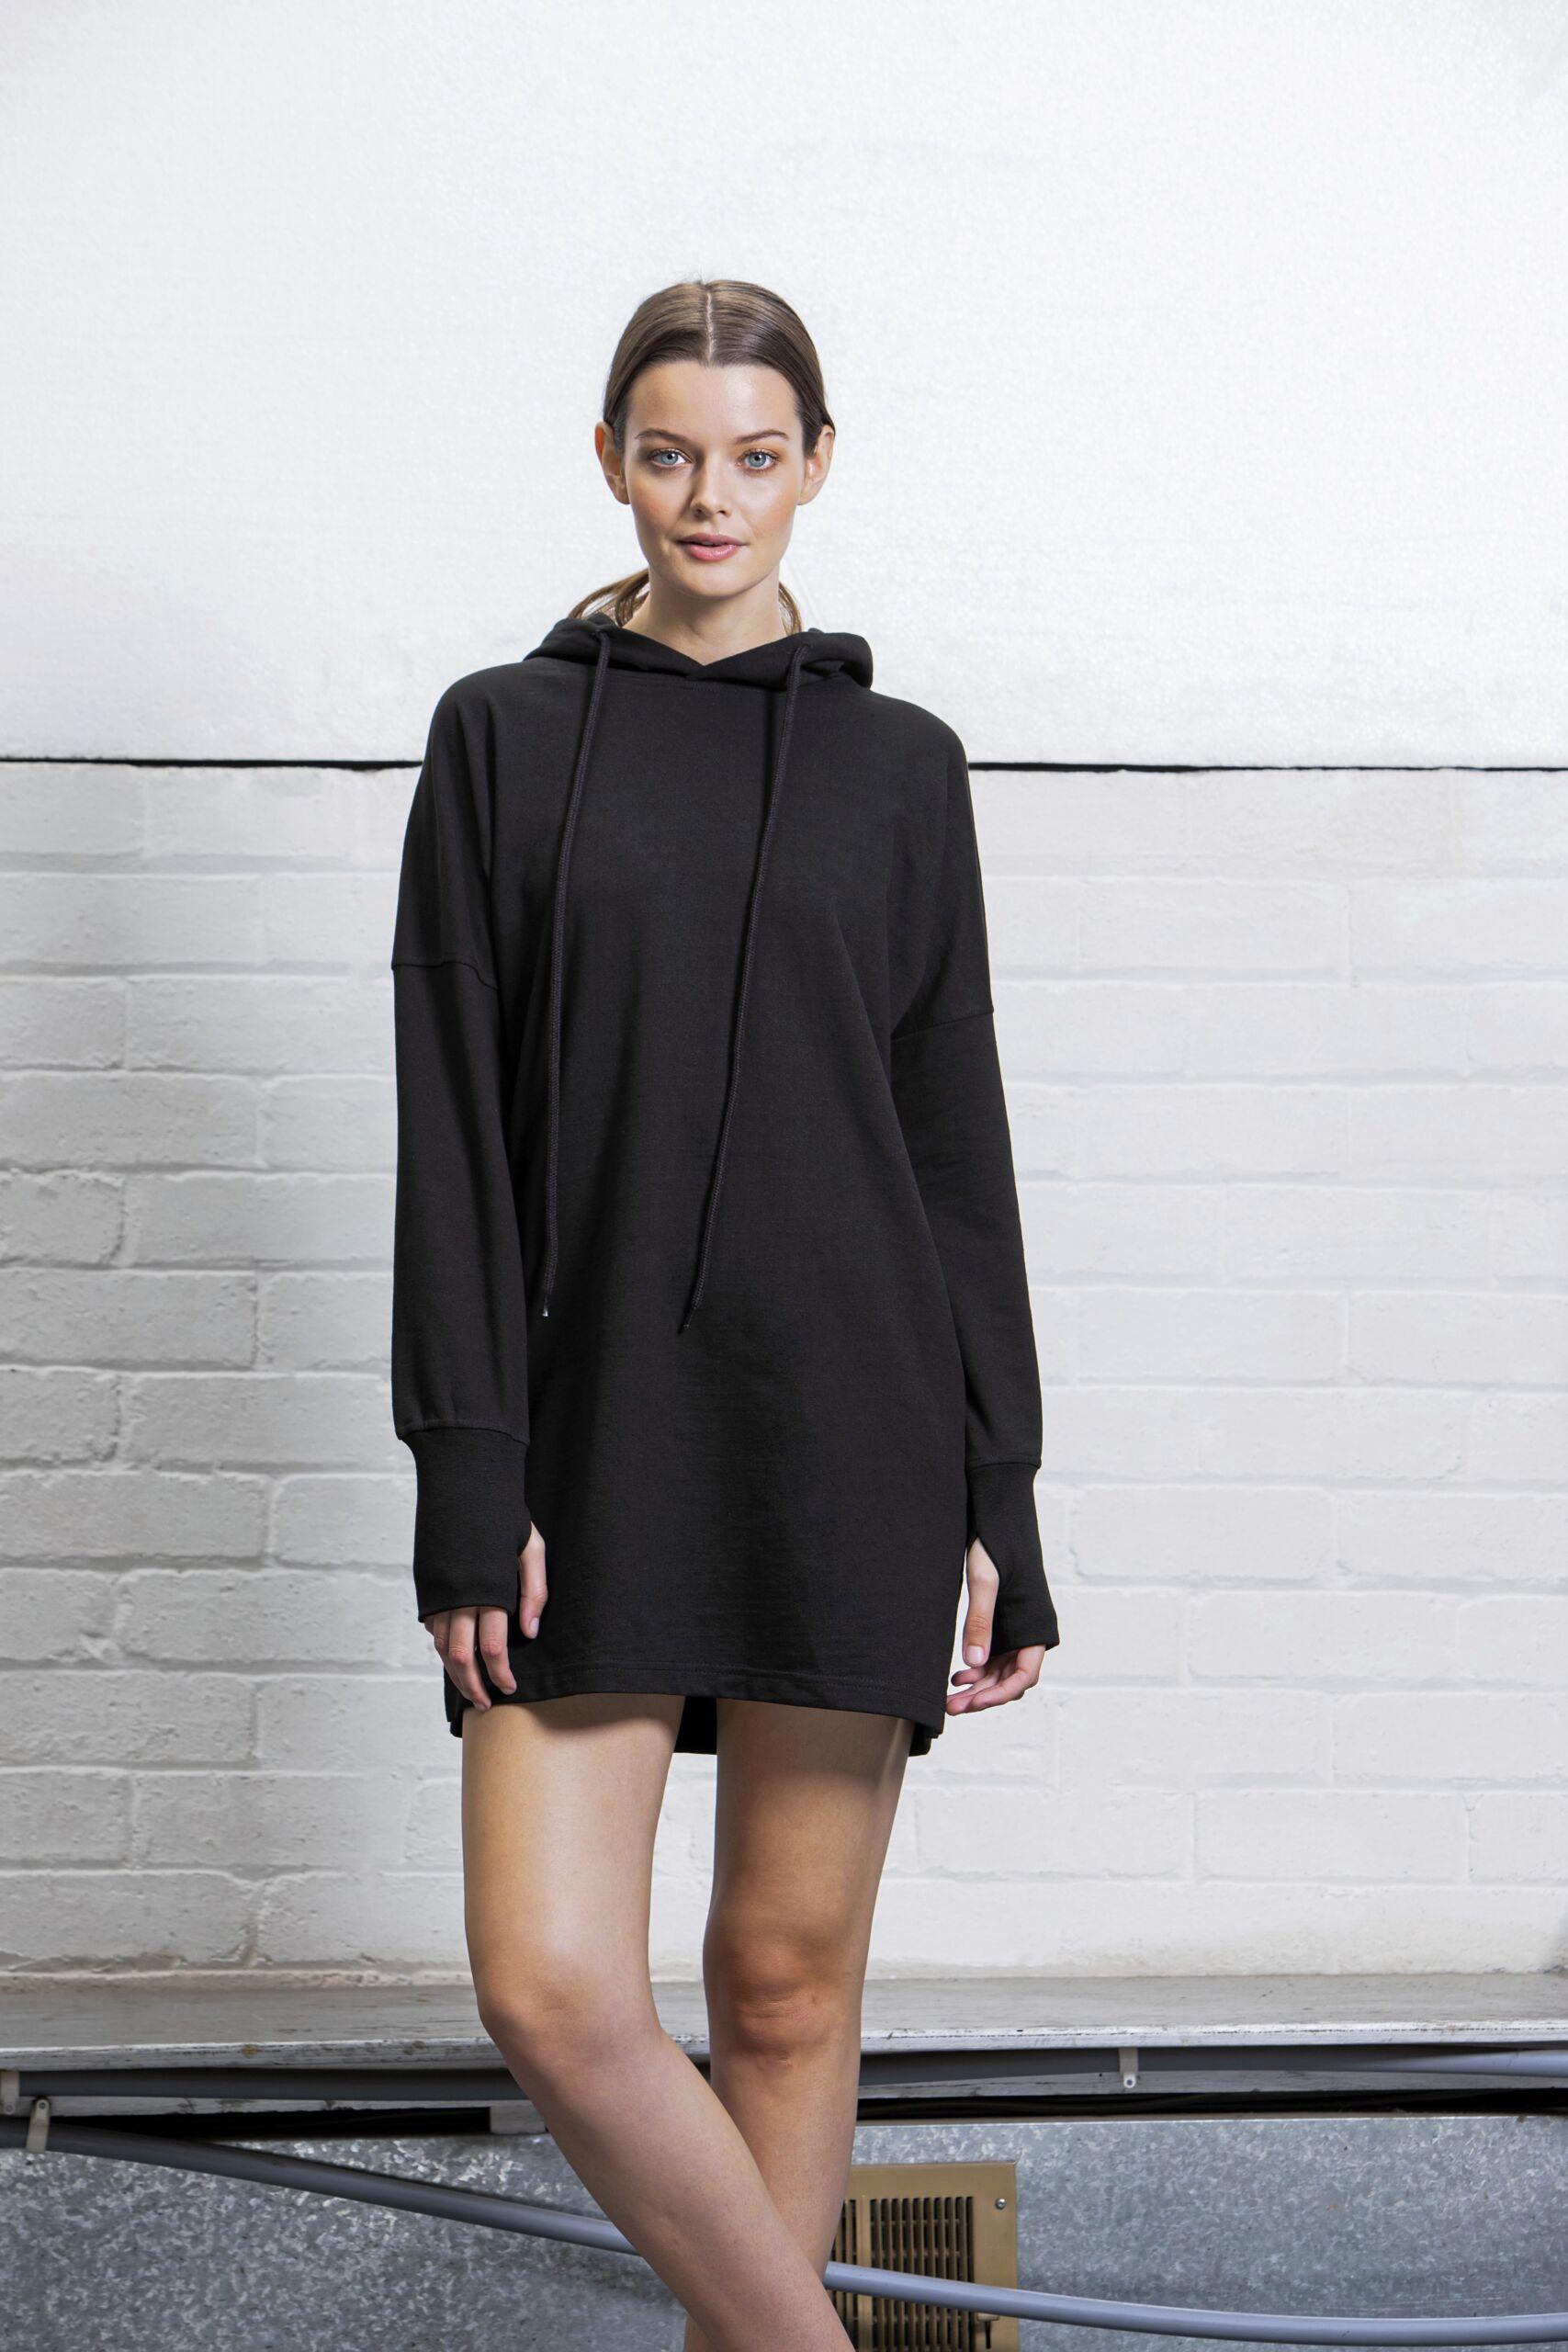 Økologisk Og Oekotex Lang Hættesweatshirt Til Kvinder I En 280g/m2 Kvalitet [P142]